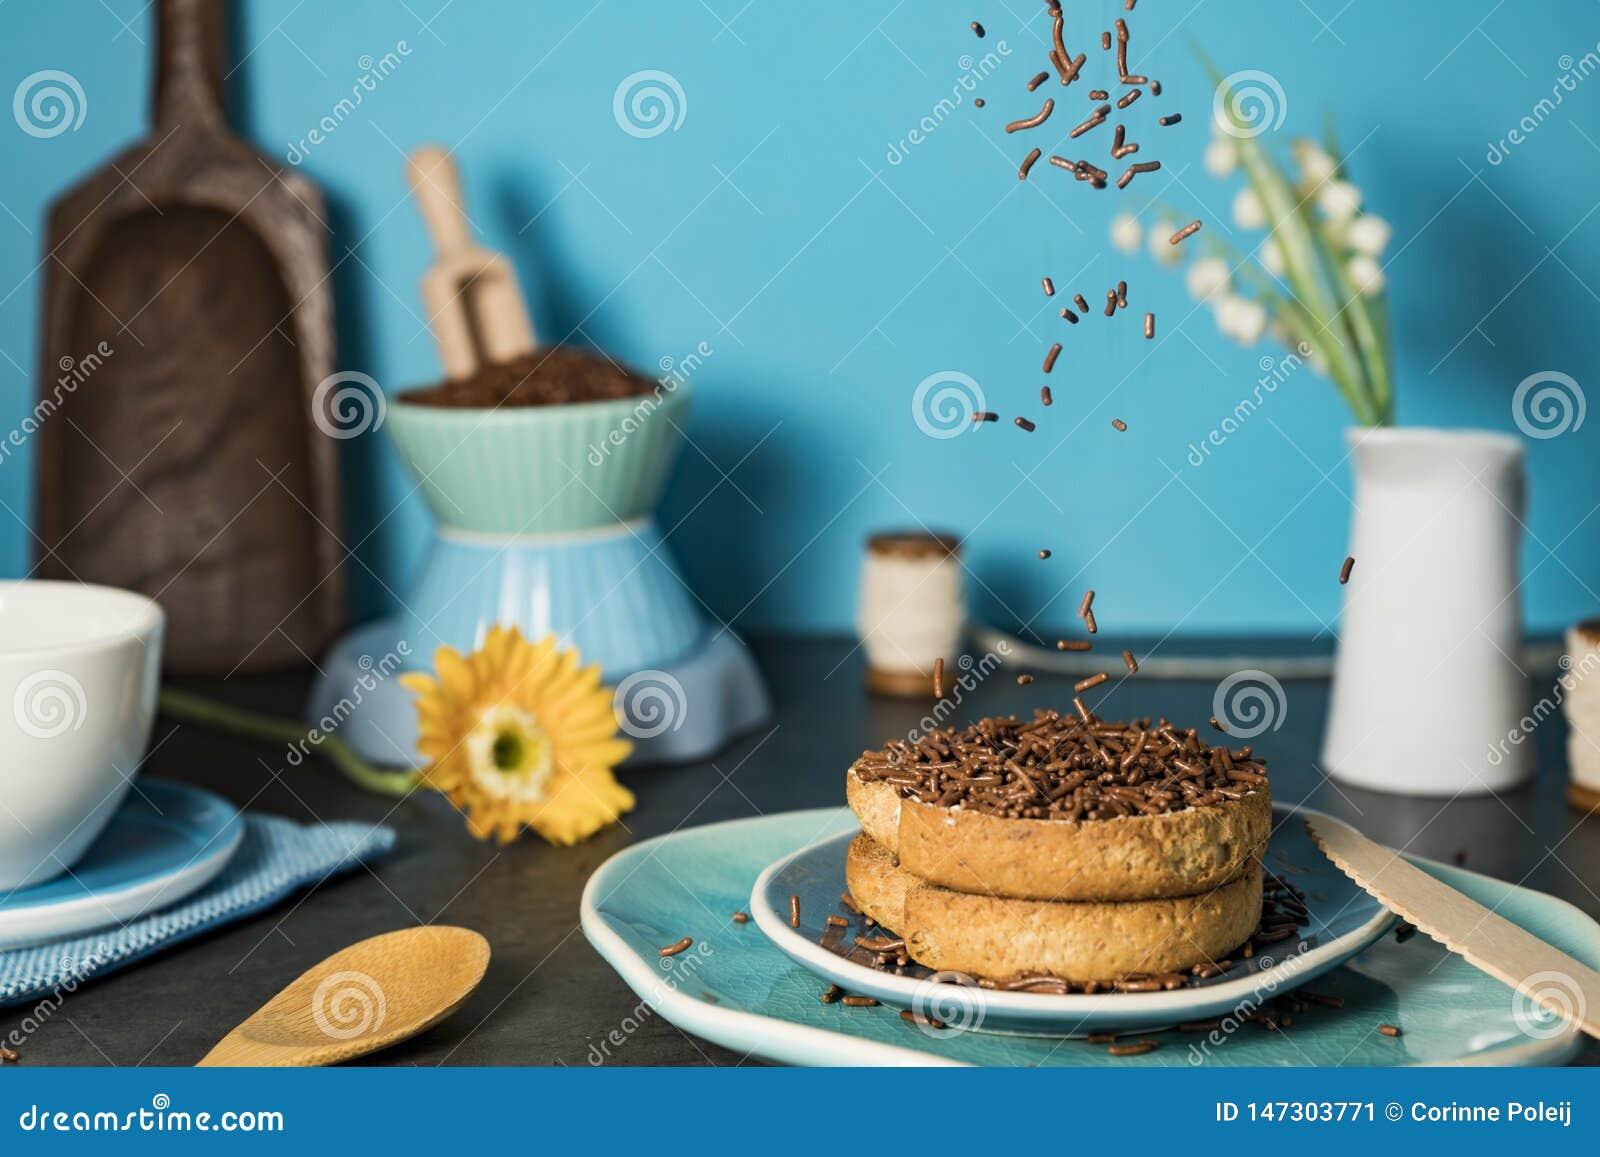 Nederlands ontbijt met beschuit en chocoladehagel hagelslag tegen blauwe achtergrond